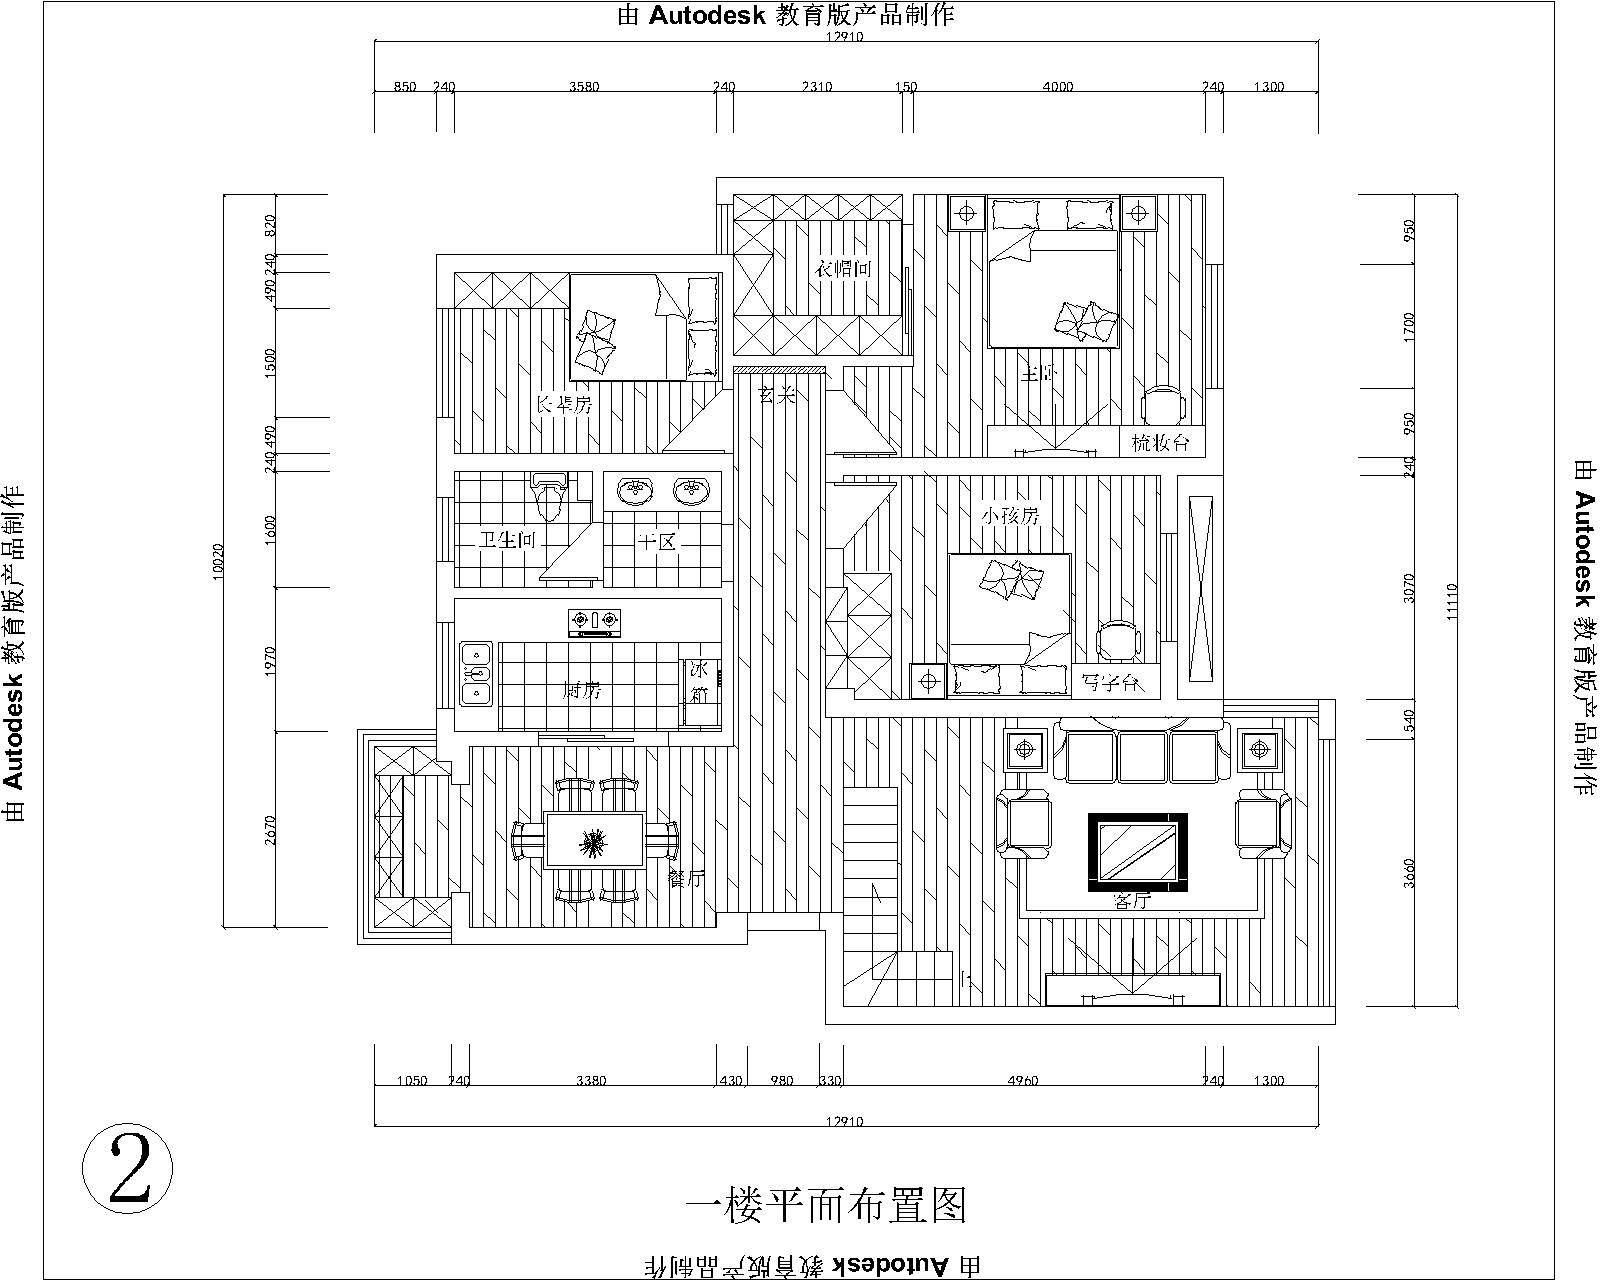 保利-160平米-现代简约分格装修案例效果图装修设计理念